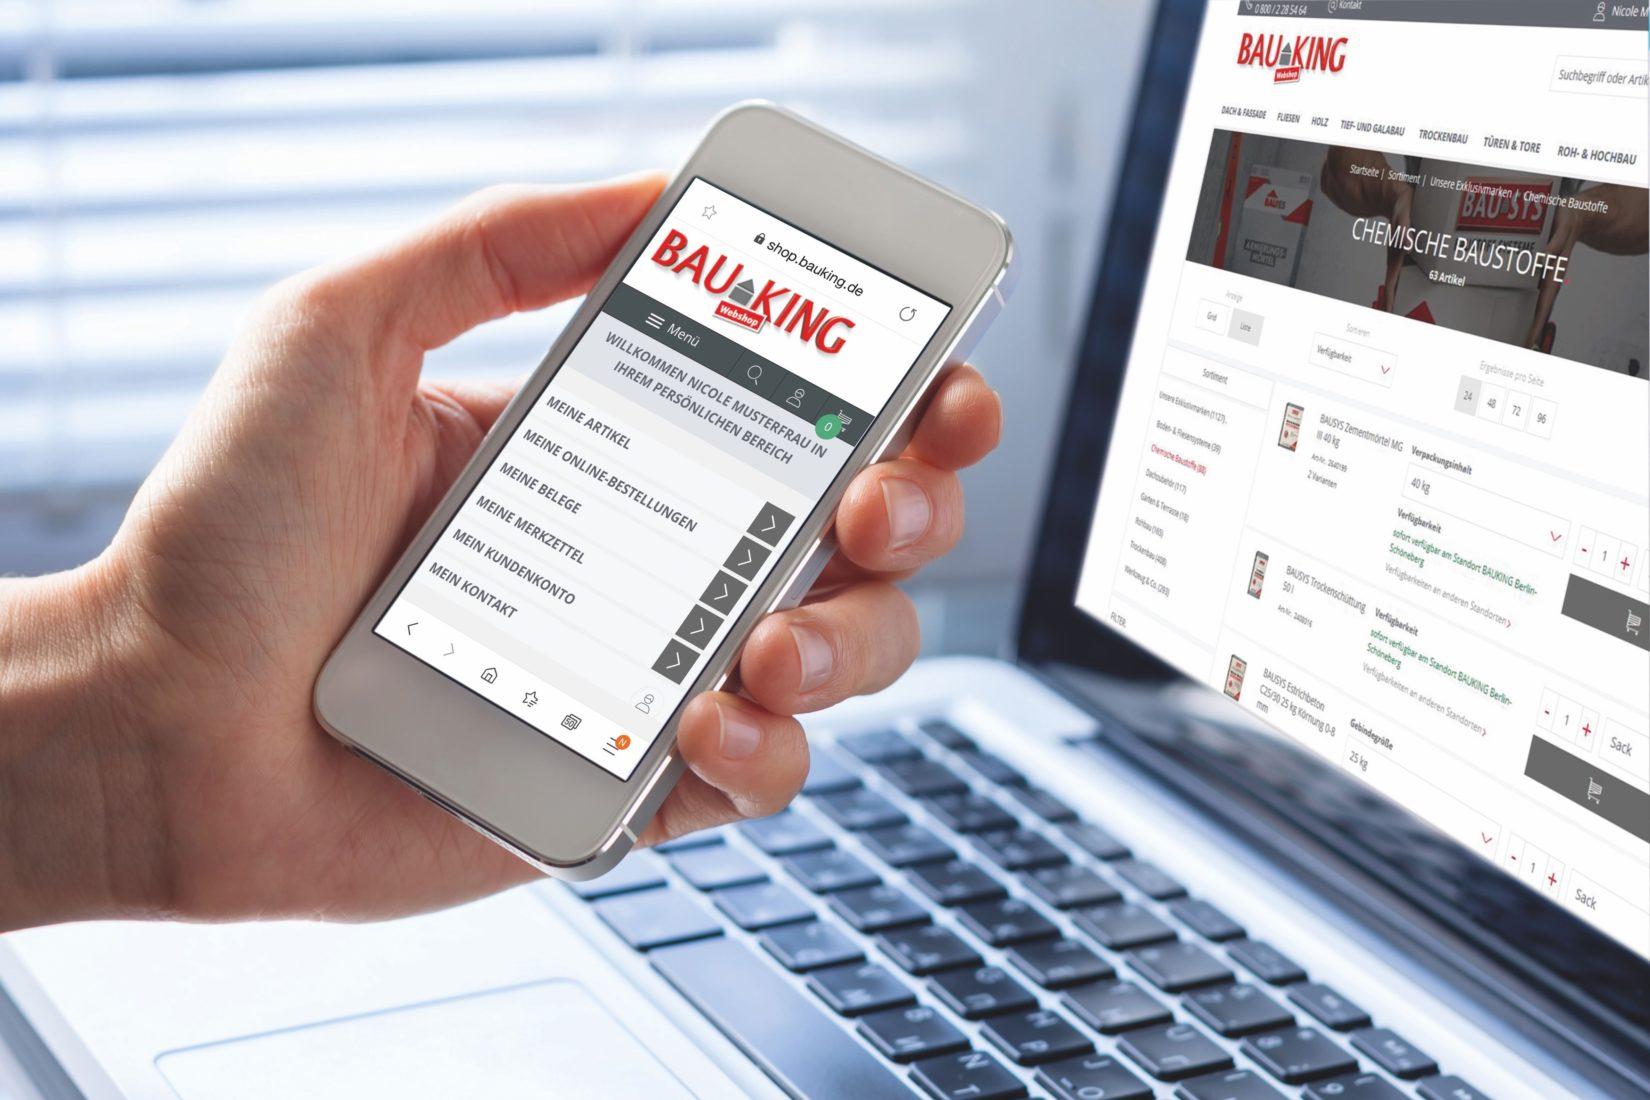 Im Webshop können Profikunden Baustoffe rund um die Uhr einkaufen. Foto: Bauking AG